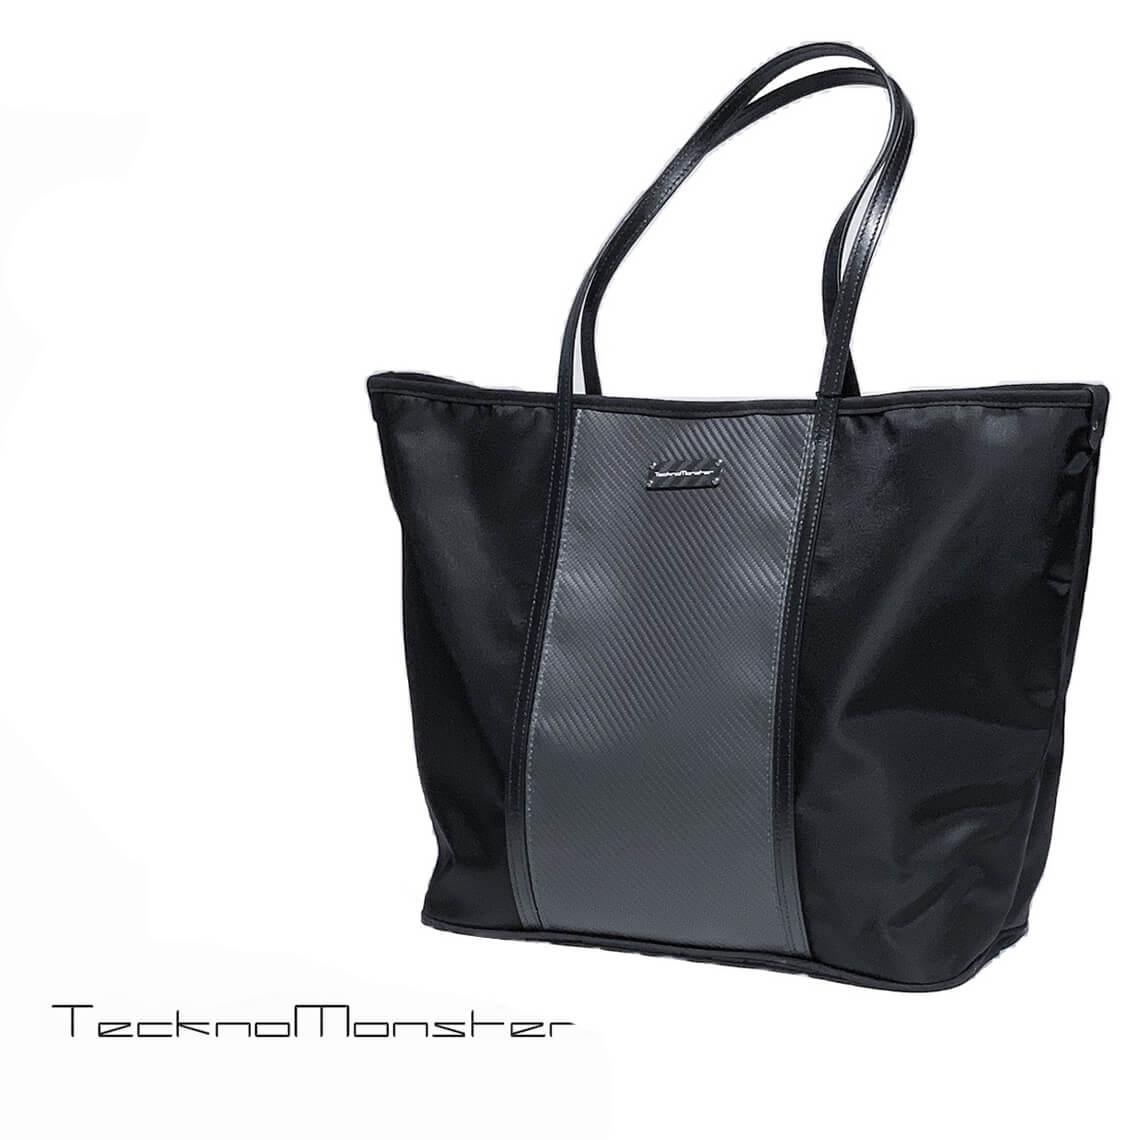 TecknoMonseter (テクノモンスター)ブラックカーペットシリーズ トートバッグ おしゃれ カーボンファイバー